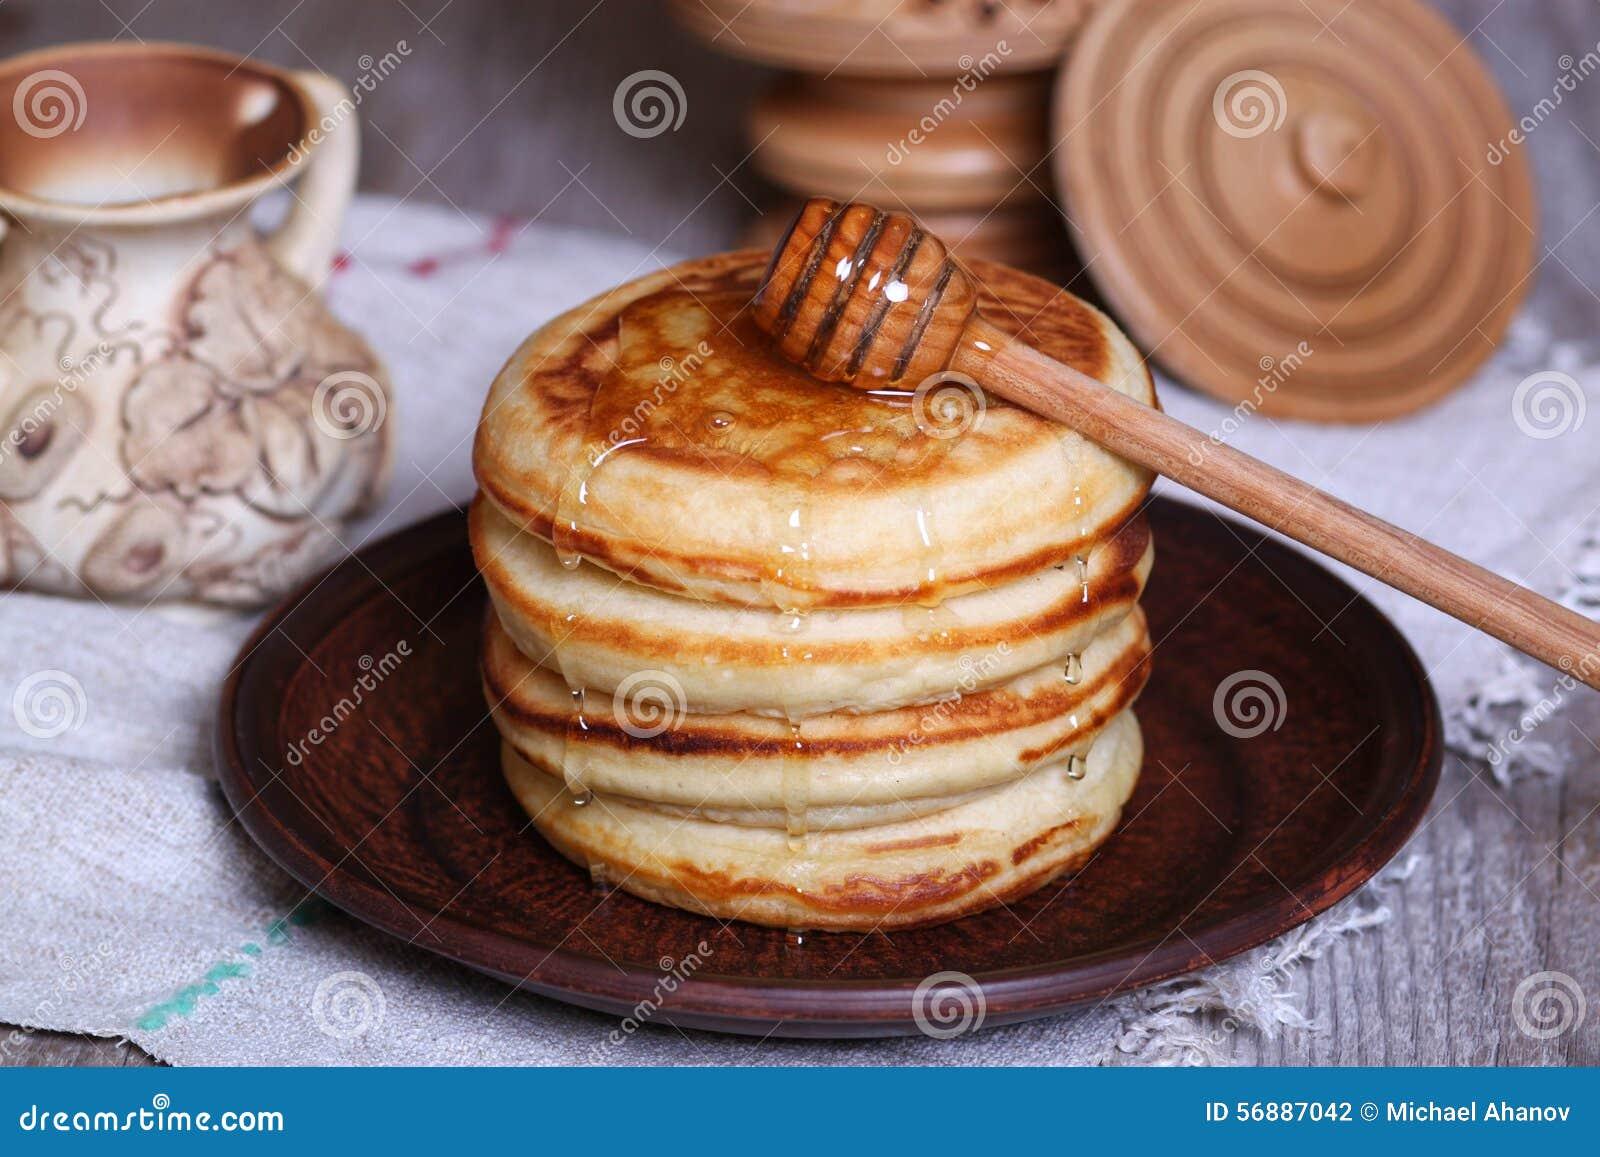 Pancake con miele